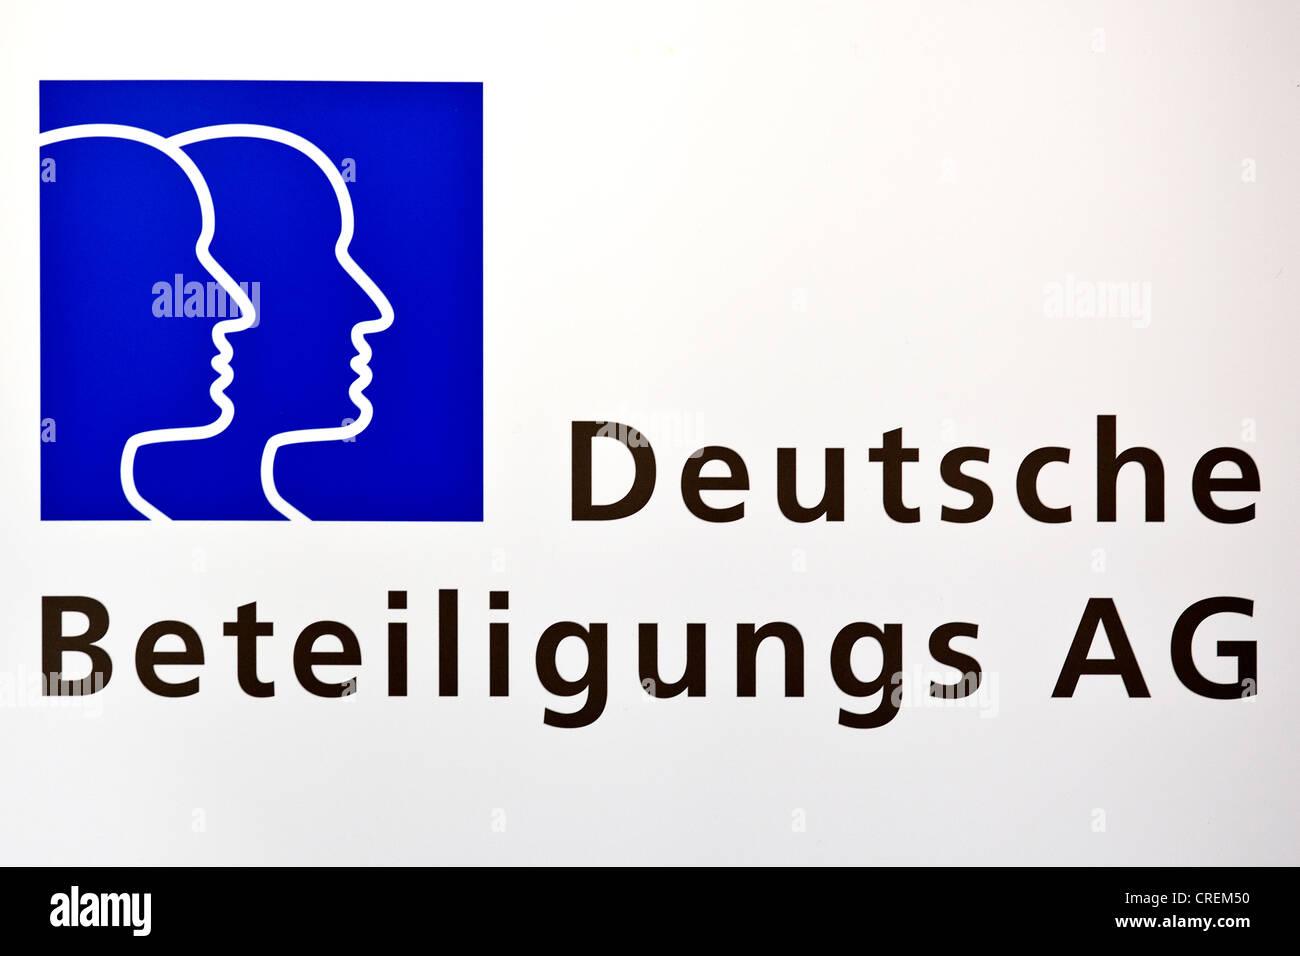 Logo, Deutsche Beteiligungs AG corporation in Frankfurt am Main, Hesse, Germany, Europe - Stock Image